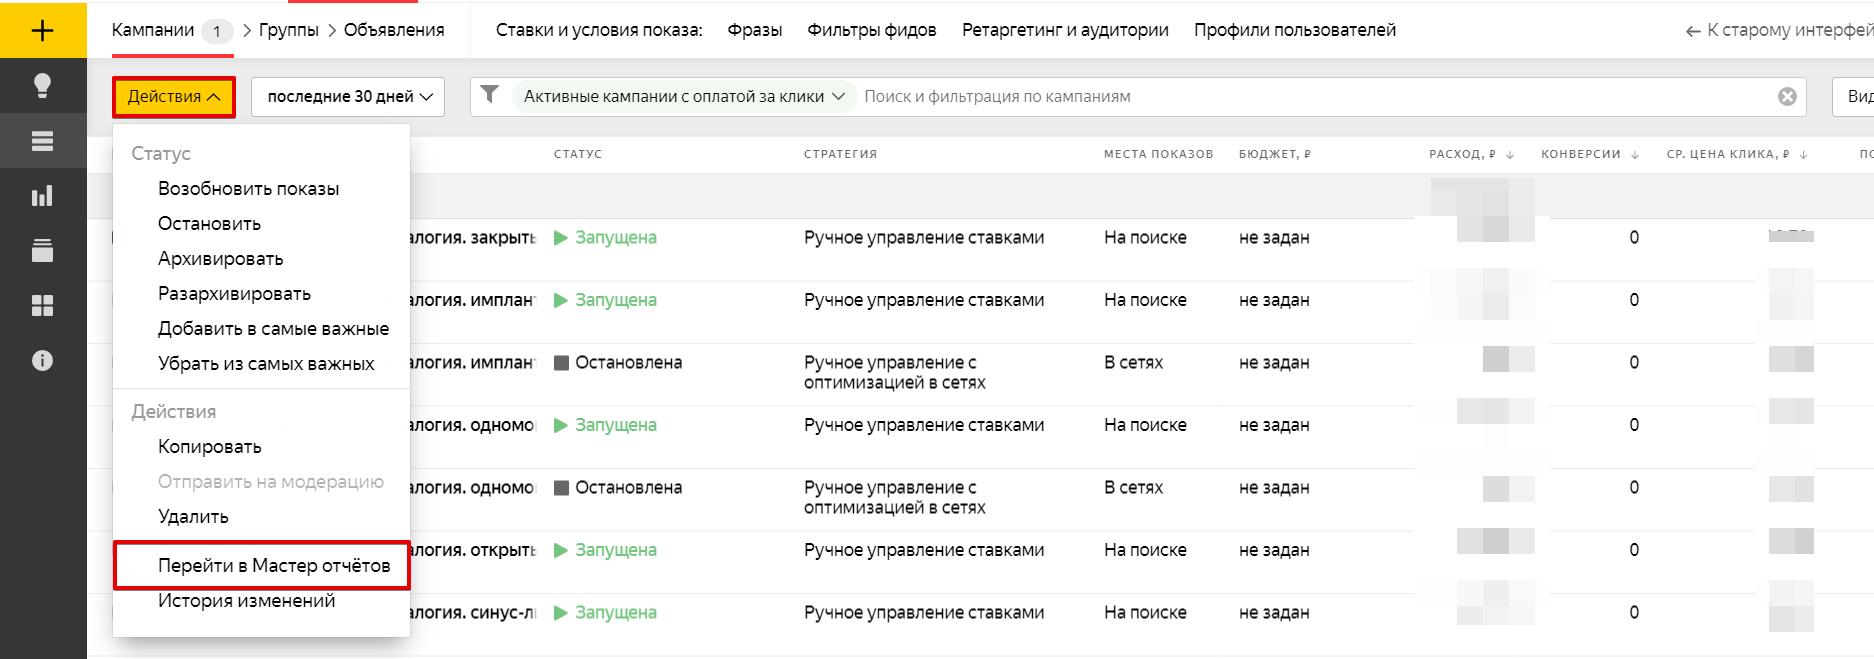 Мастер отчетов в Яндекс.Директе